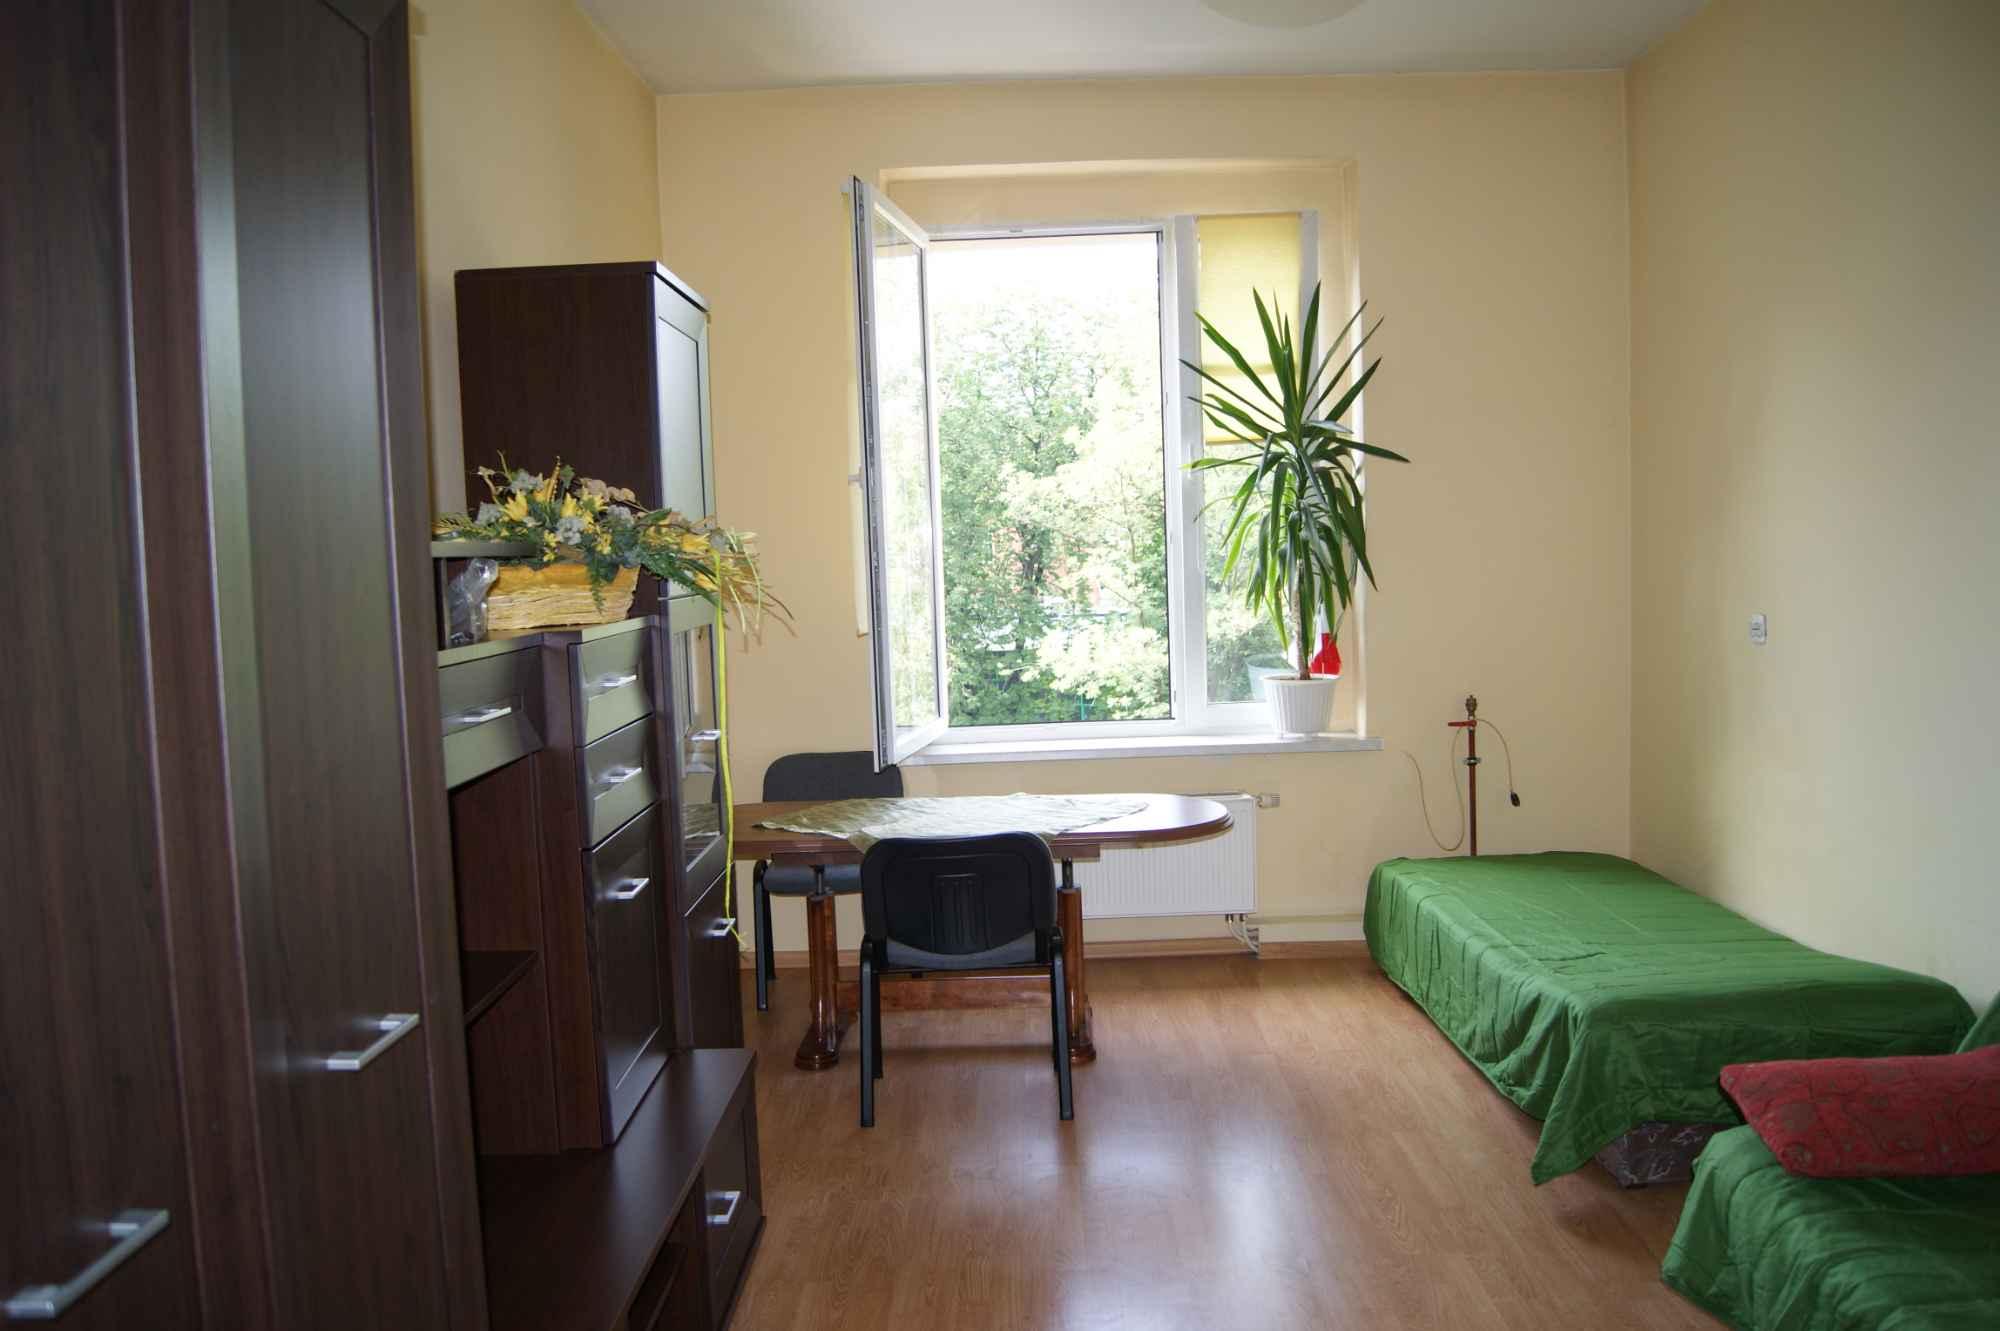 Mieszkanie do wynajęcia w Opolu ,opolskie Opole - zdjęcie 1